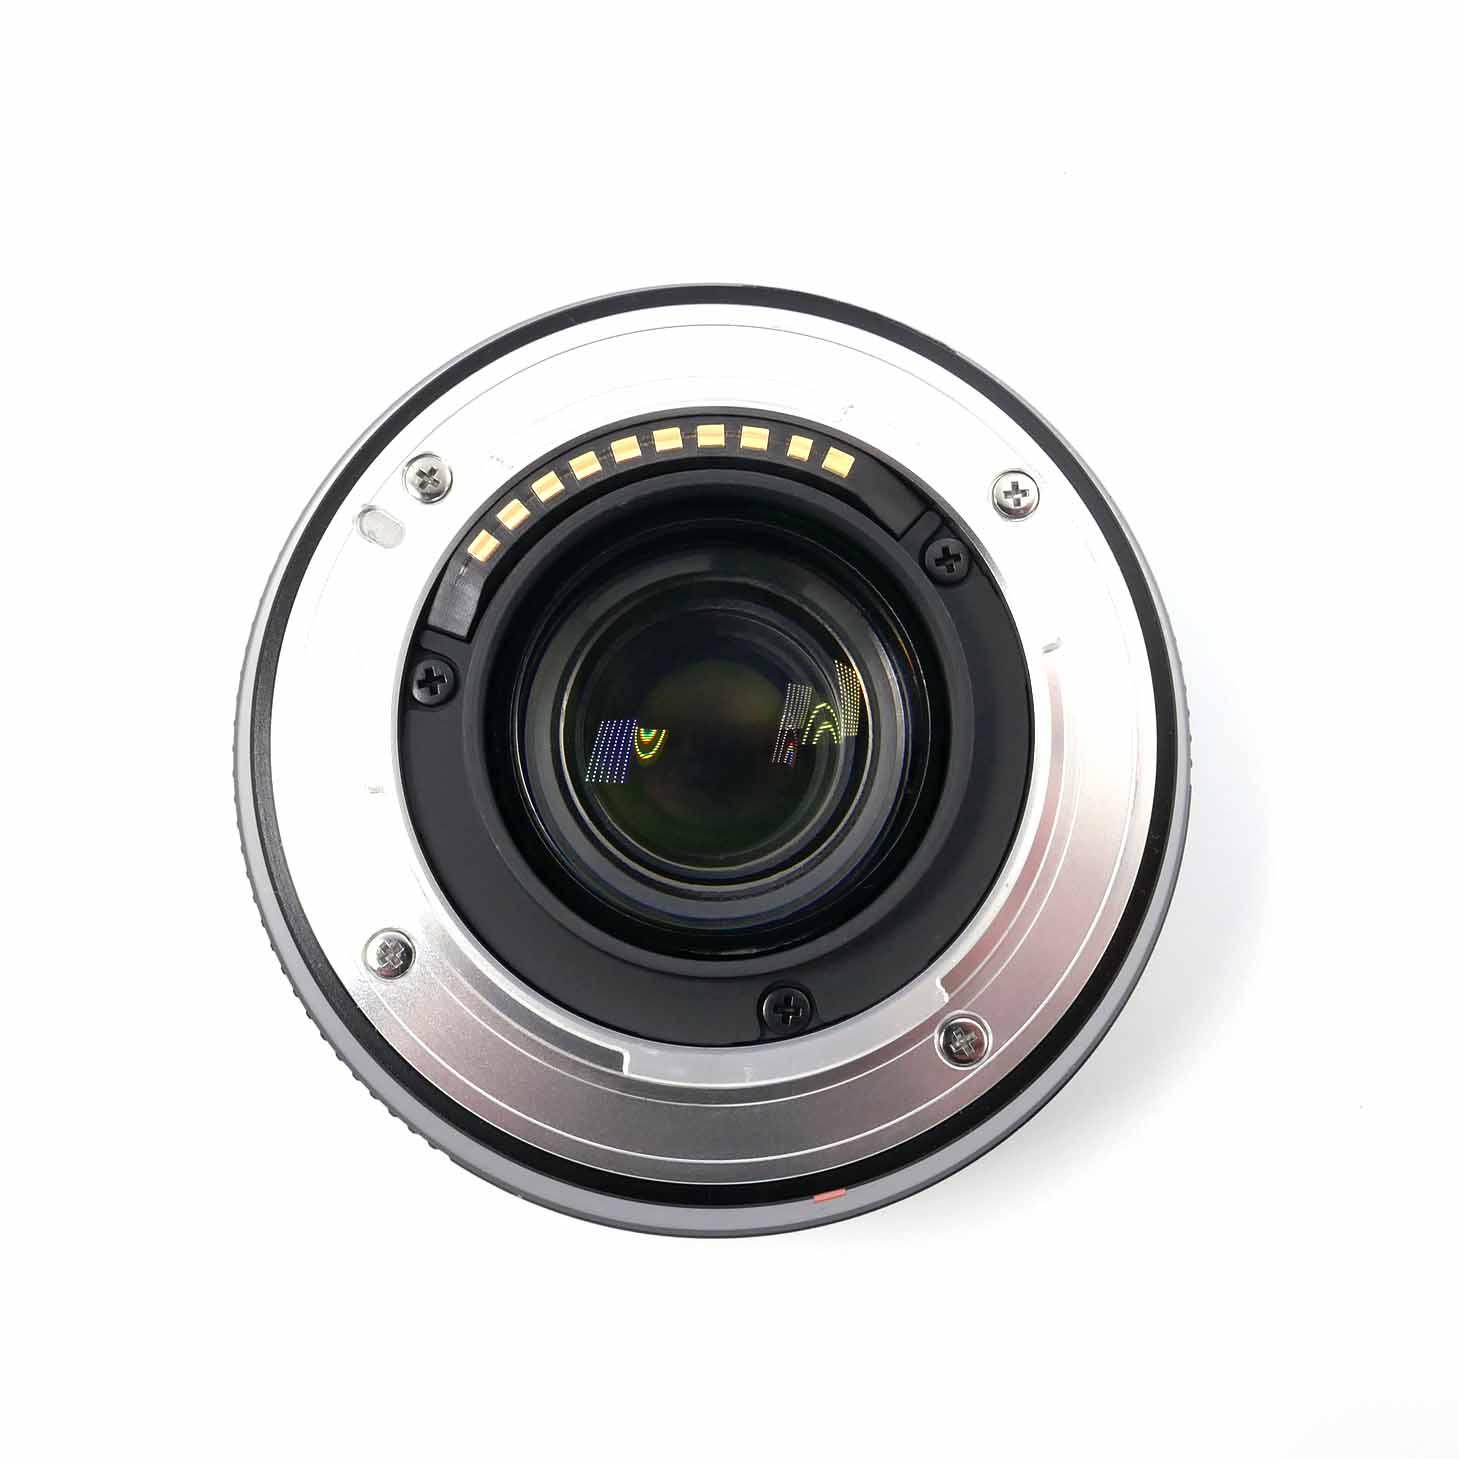 clean-cameras-Fujinon-18mm_2.0-für-fuji-x-04